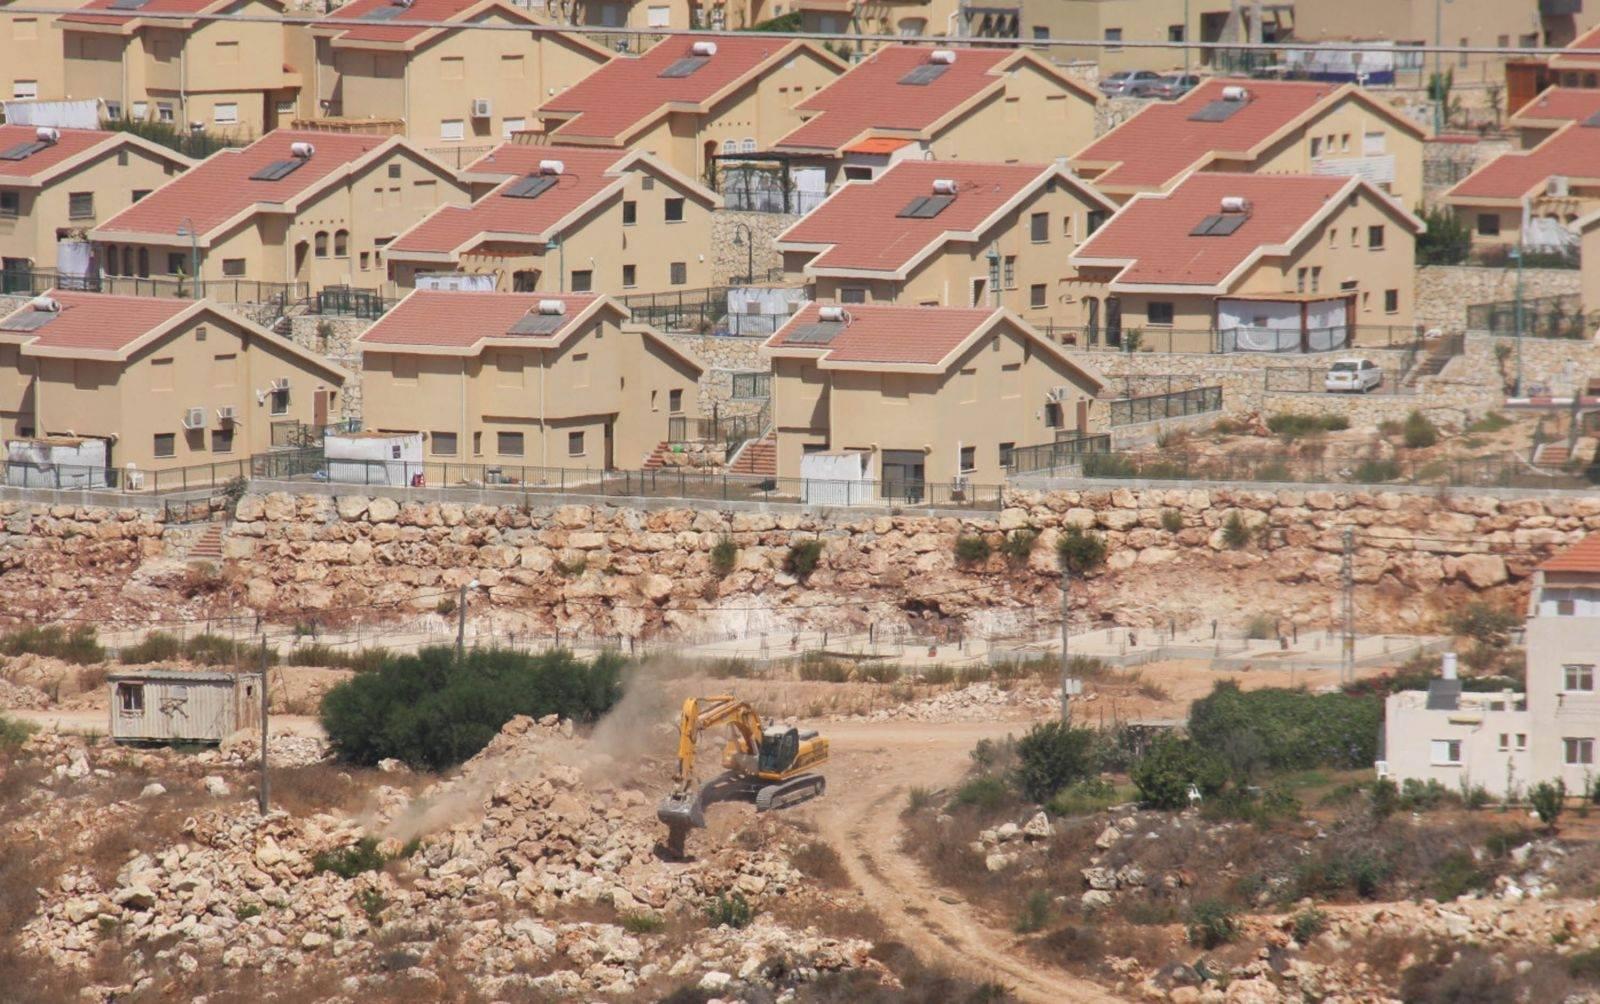 مزيد من المشاريع الاستيطانية الجديدة في محيط مدينة القدس لوأد حل الدولتين